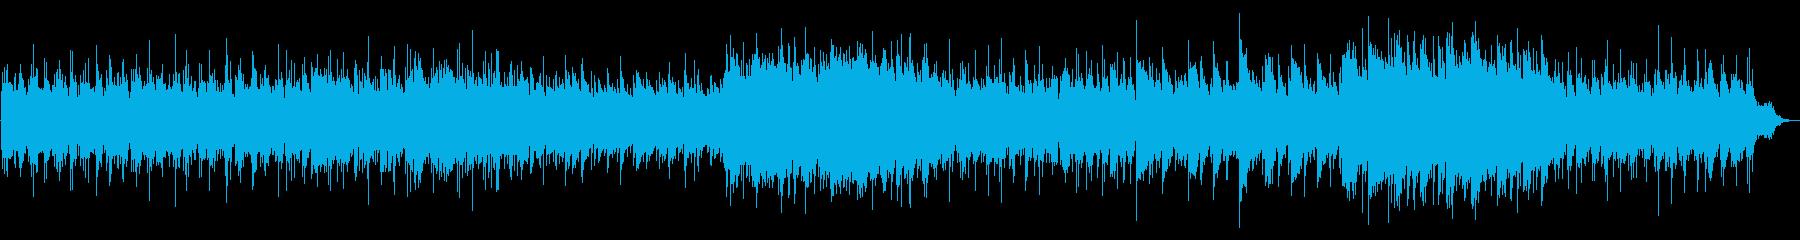 【リズム無し】企業VP・CM 感動的の再生済みの波形